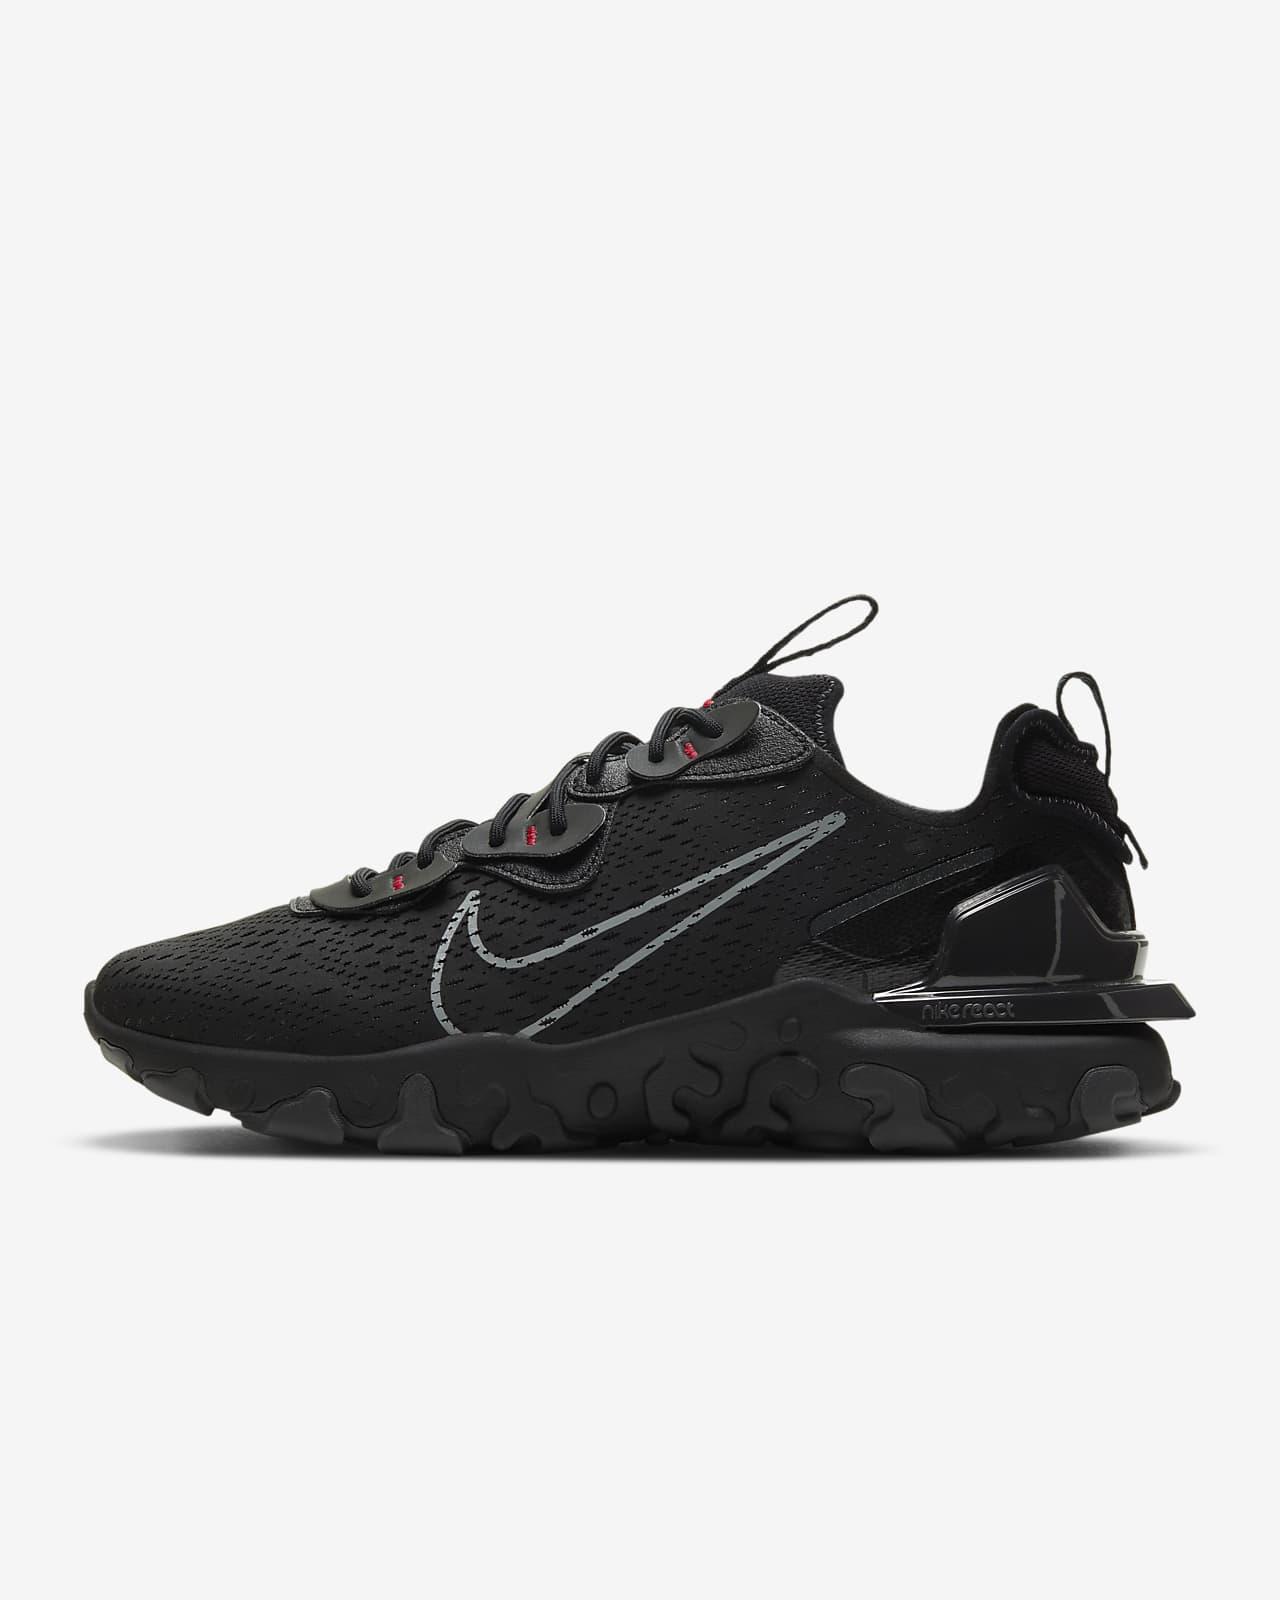 Sko Nike React Vision för män